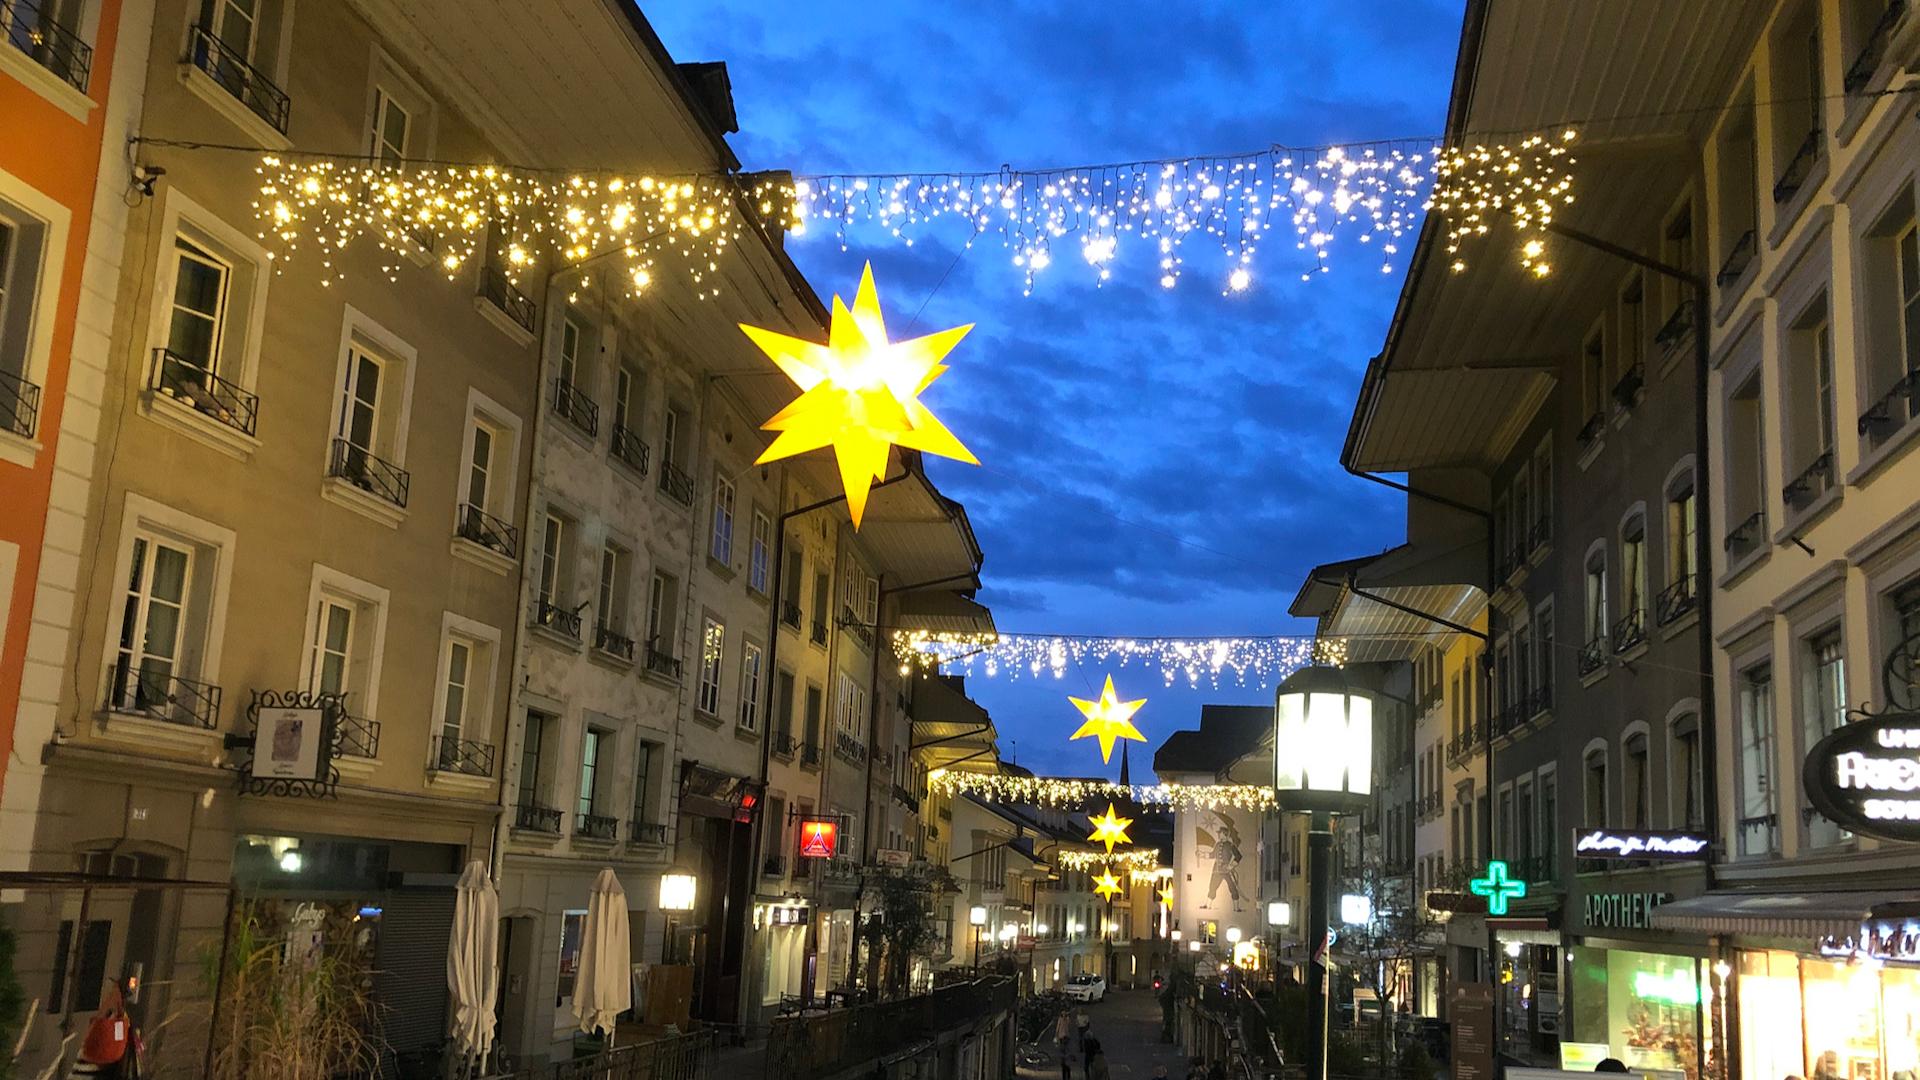 Advents-Wettbewerb - Shopping in der Thuner Innenstadt